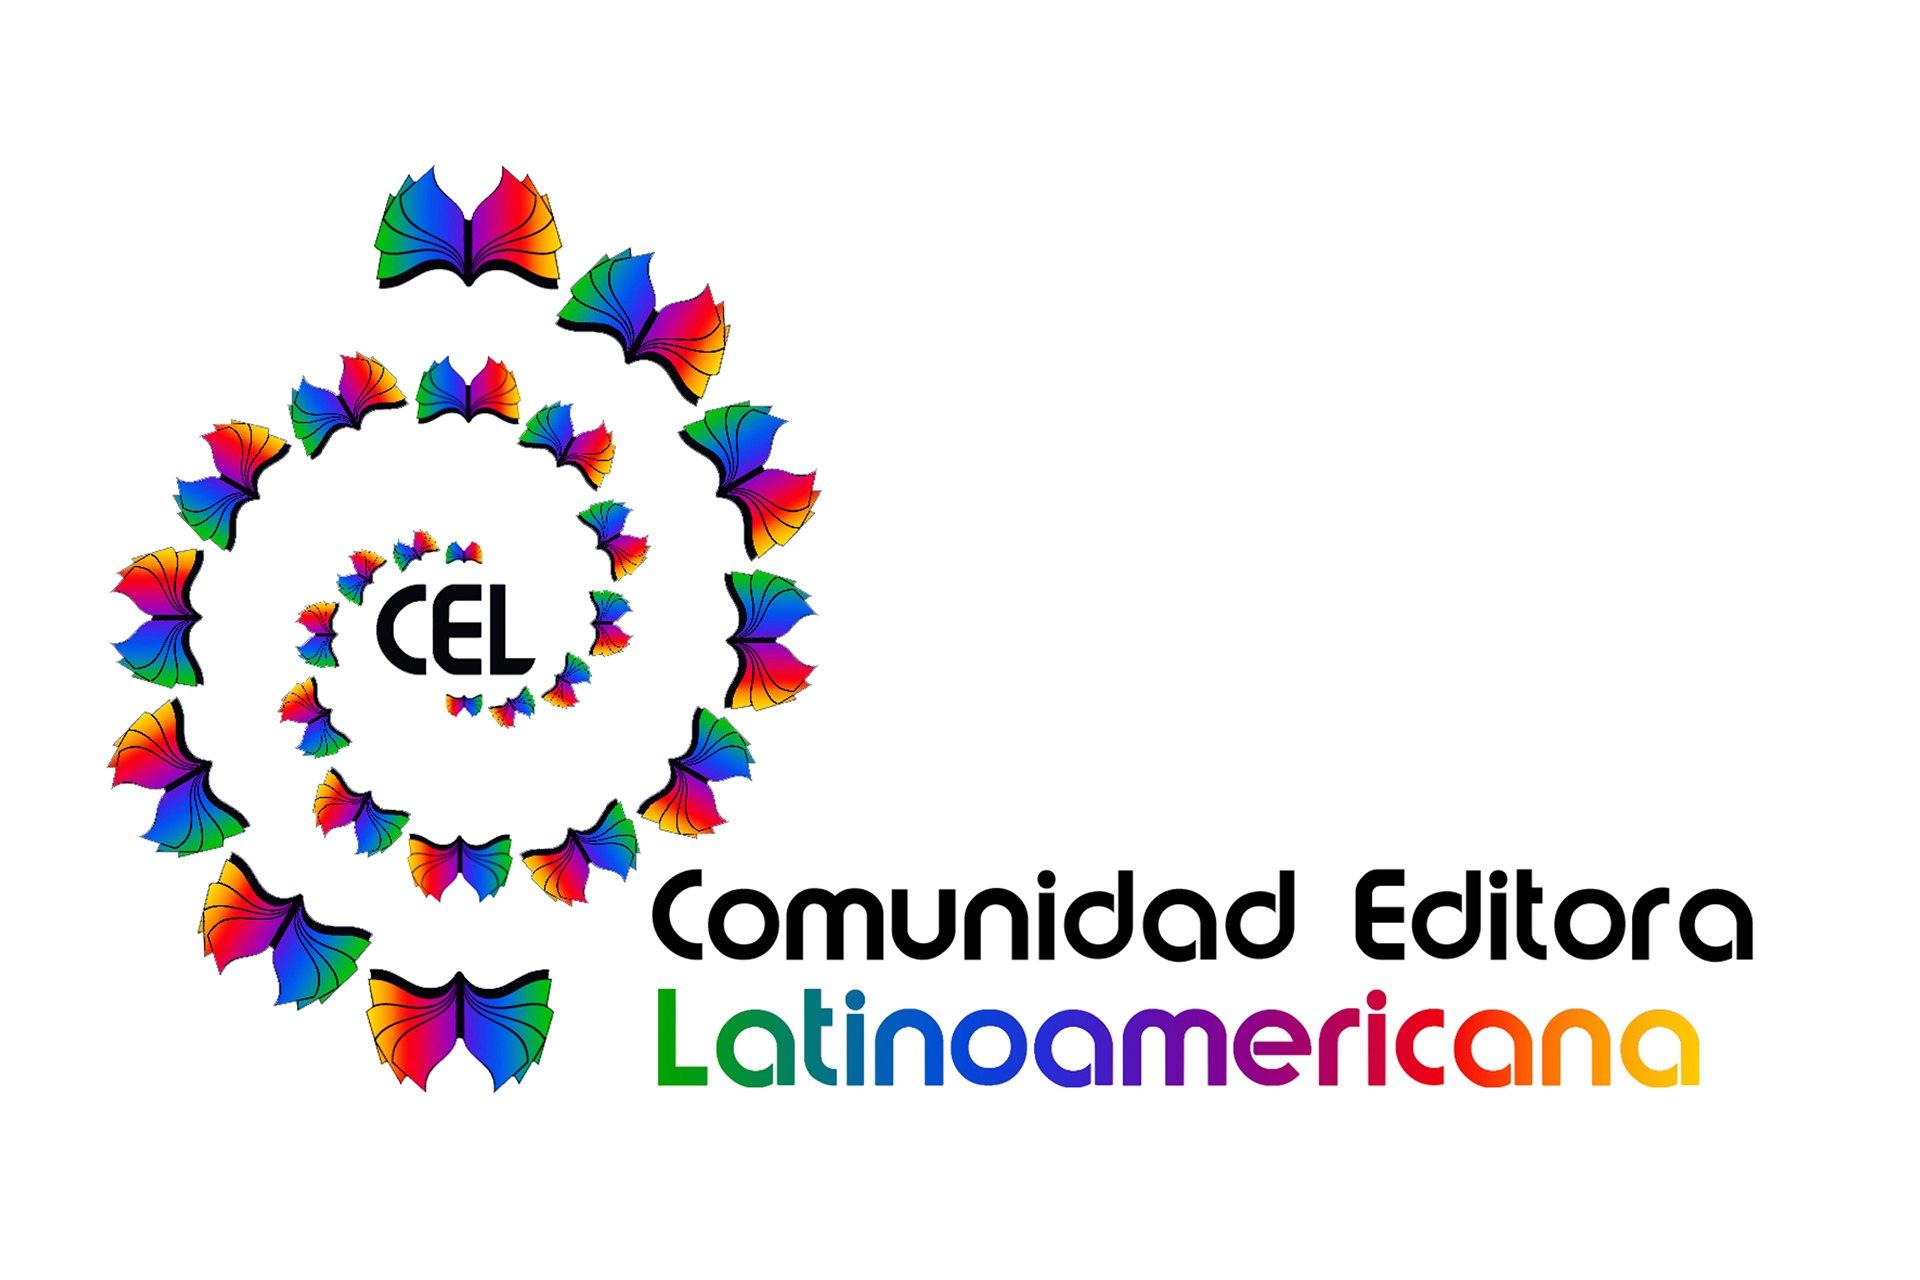 CEL-Imagotipo1920